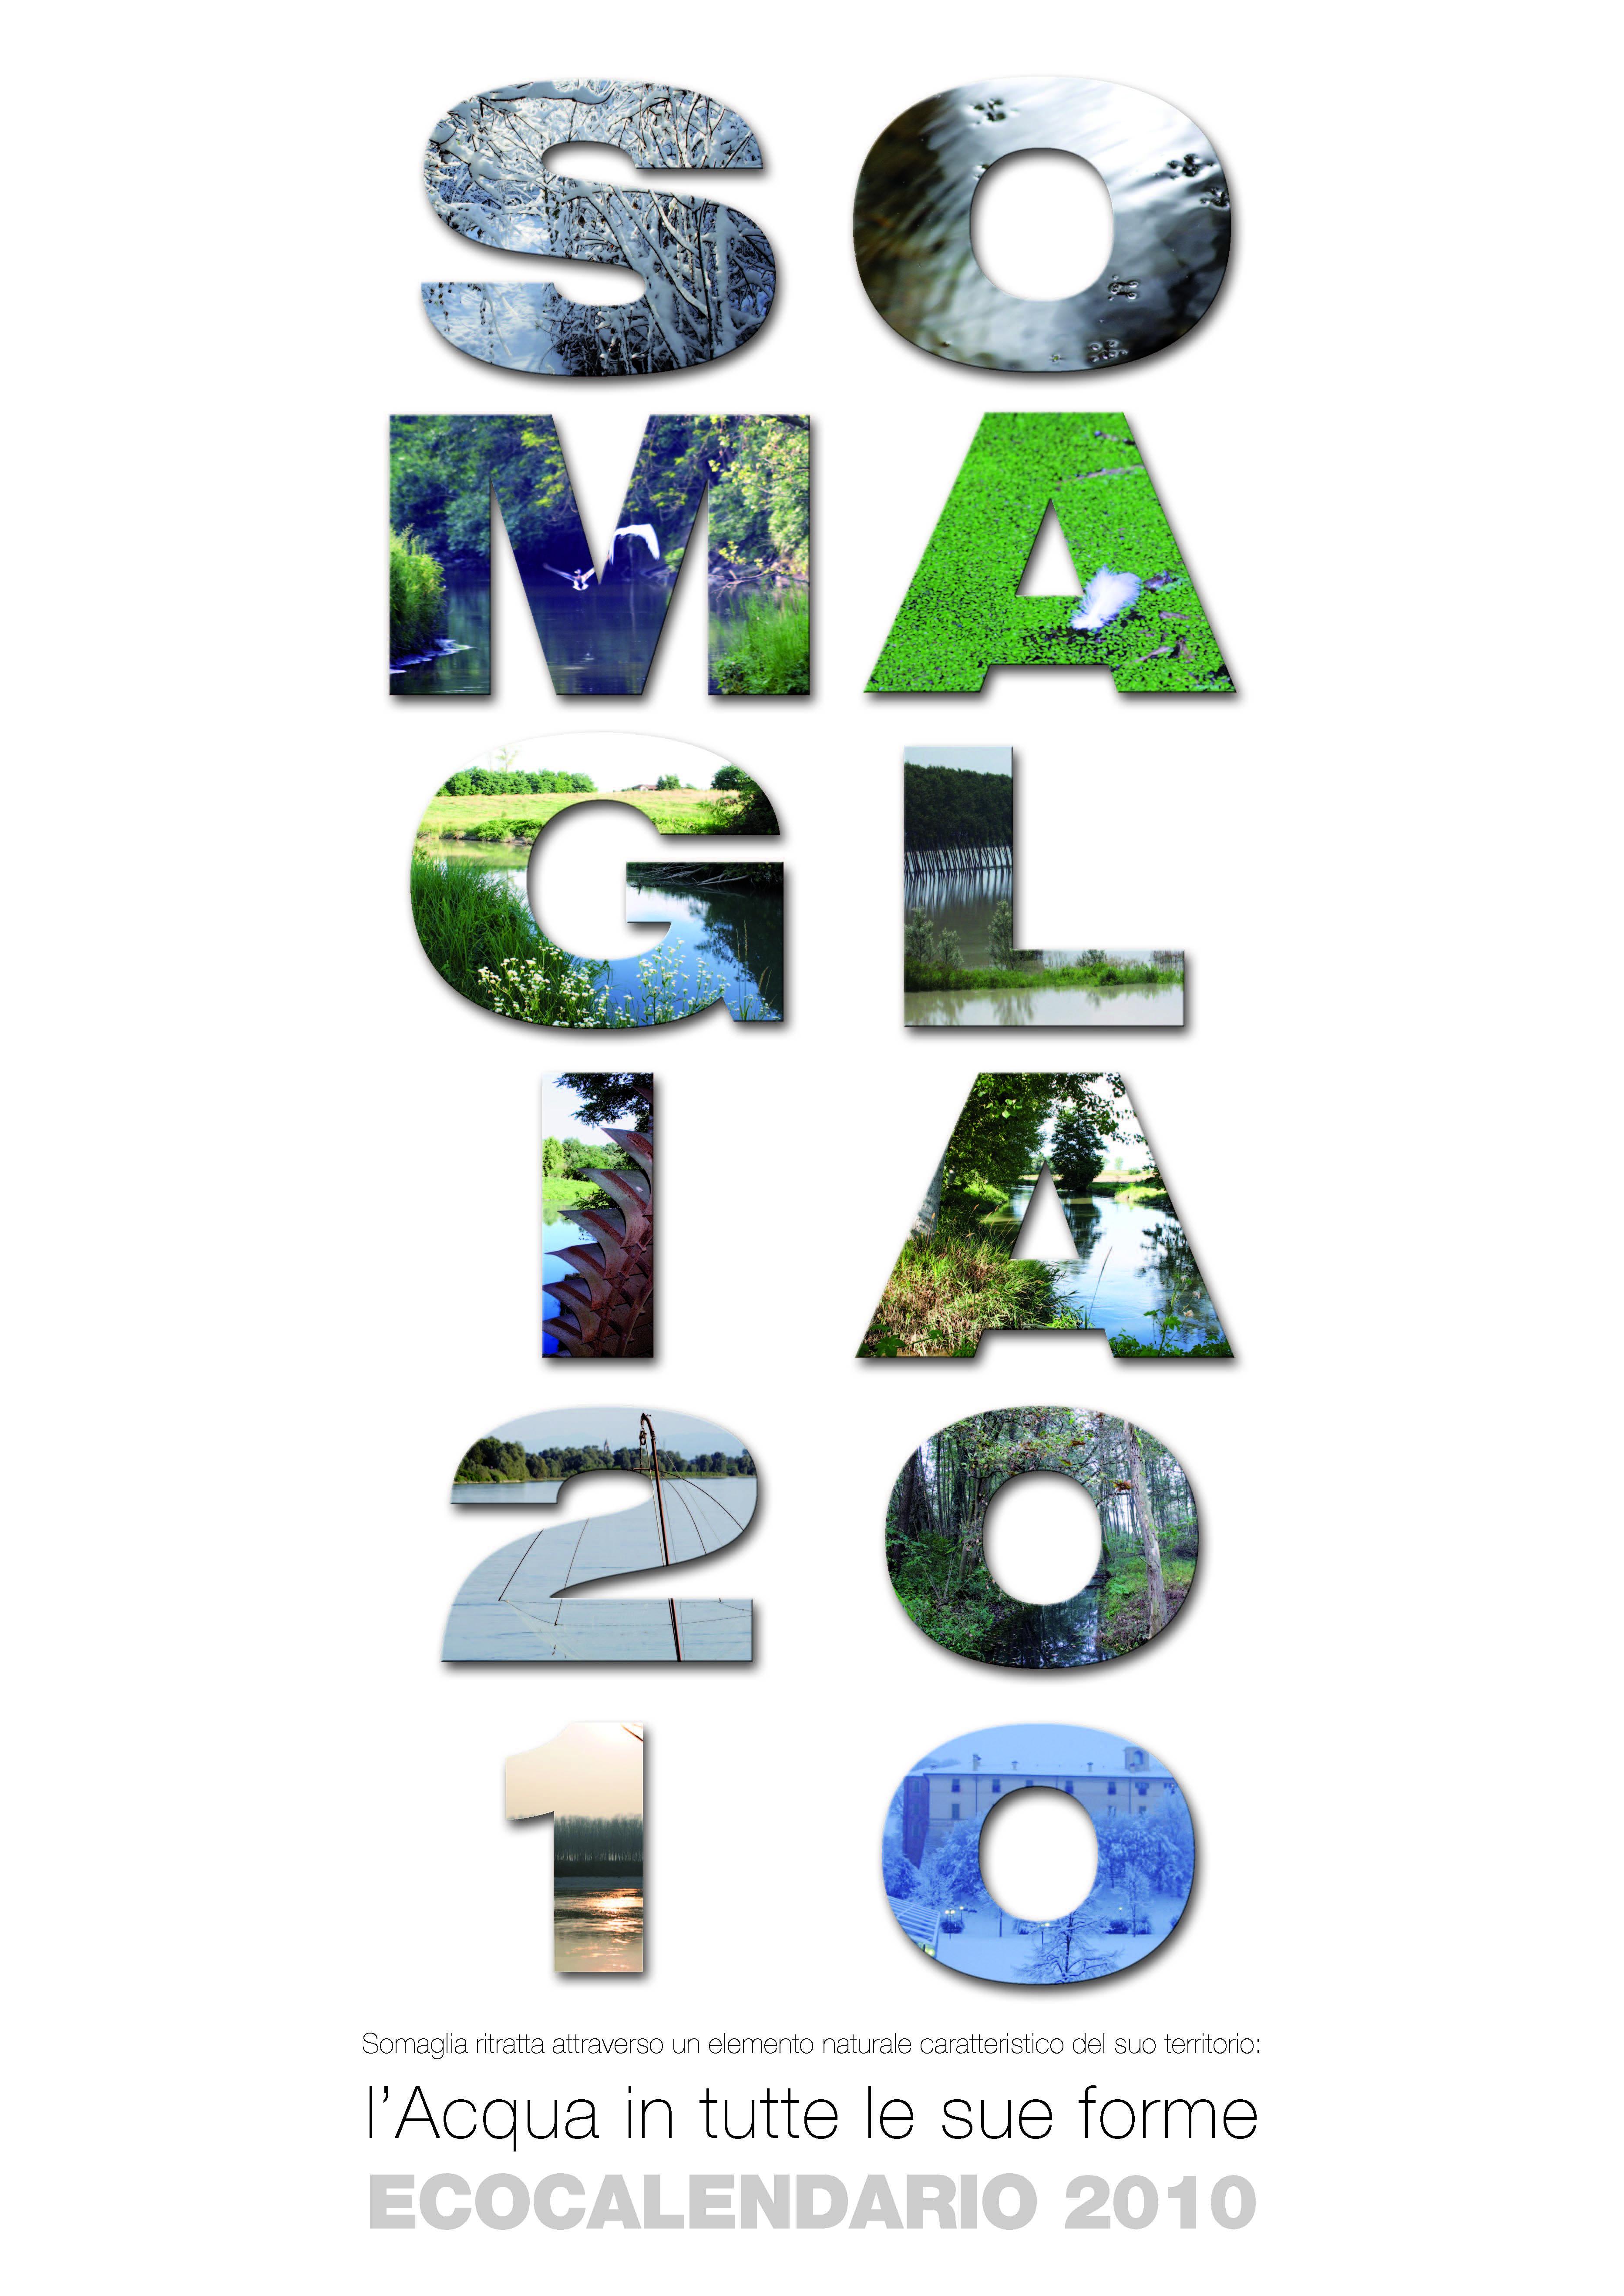 Pagine da calendario2010_maraboli